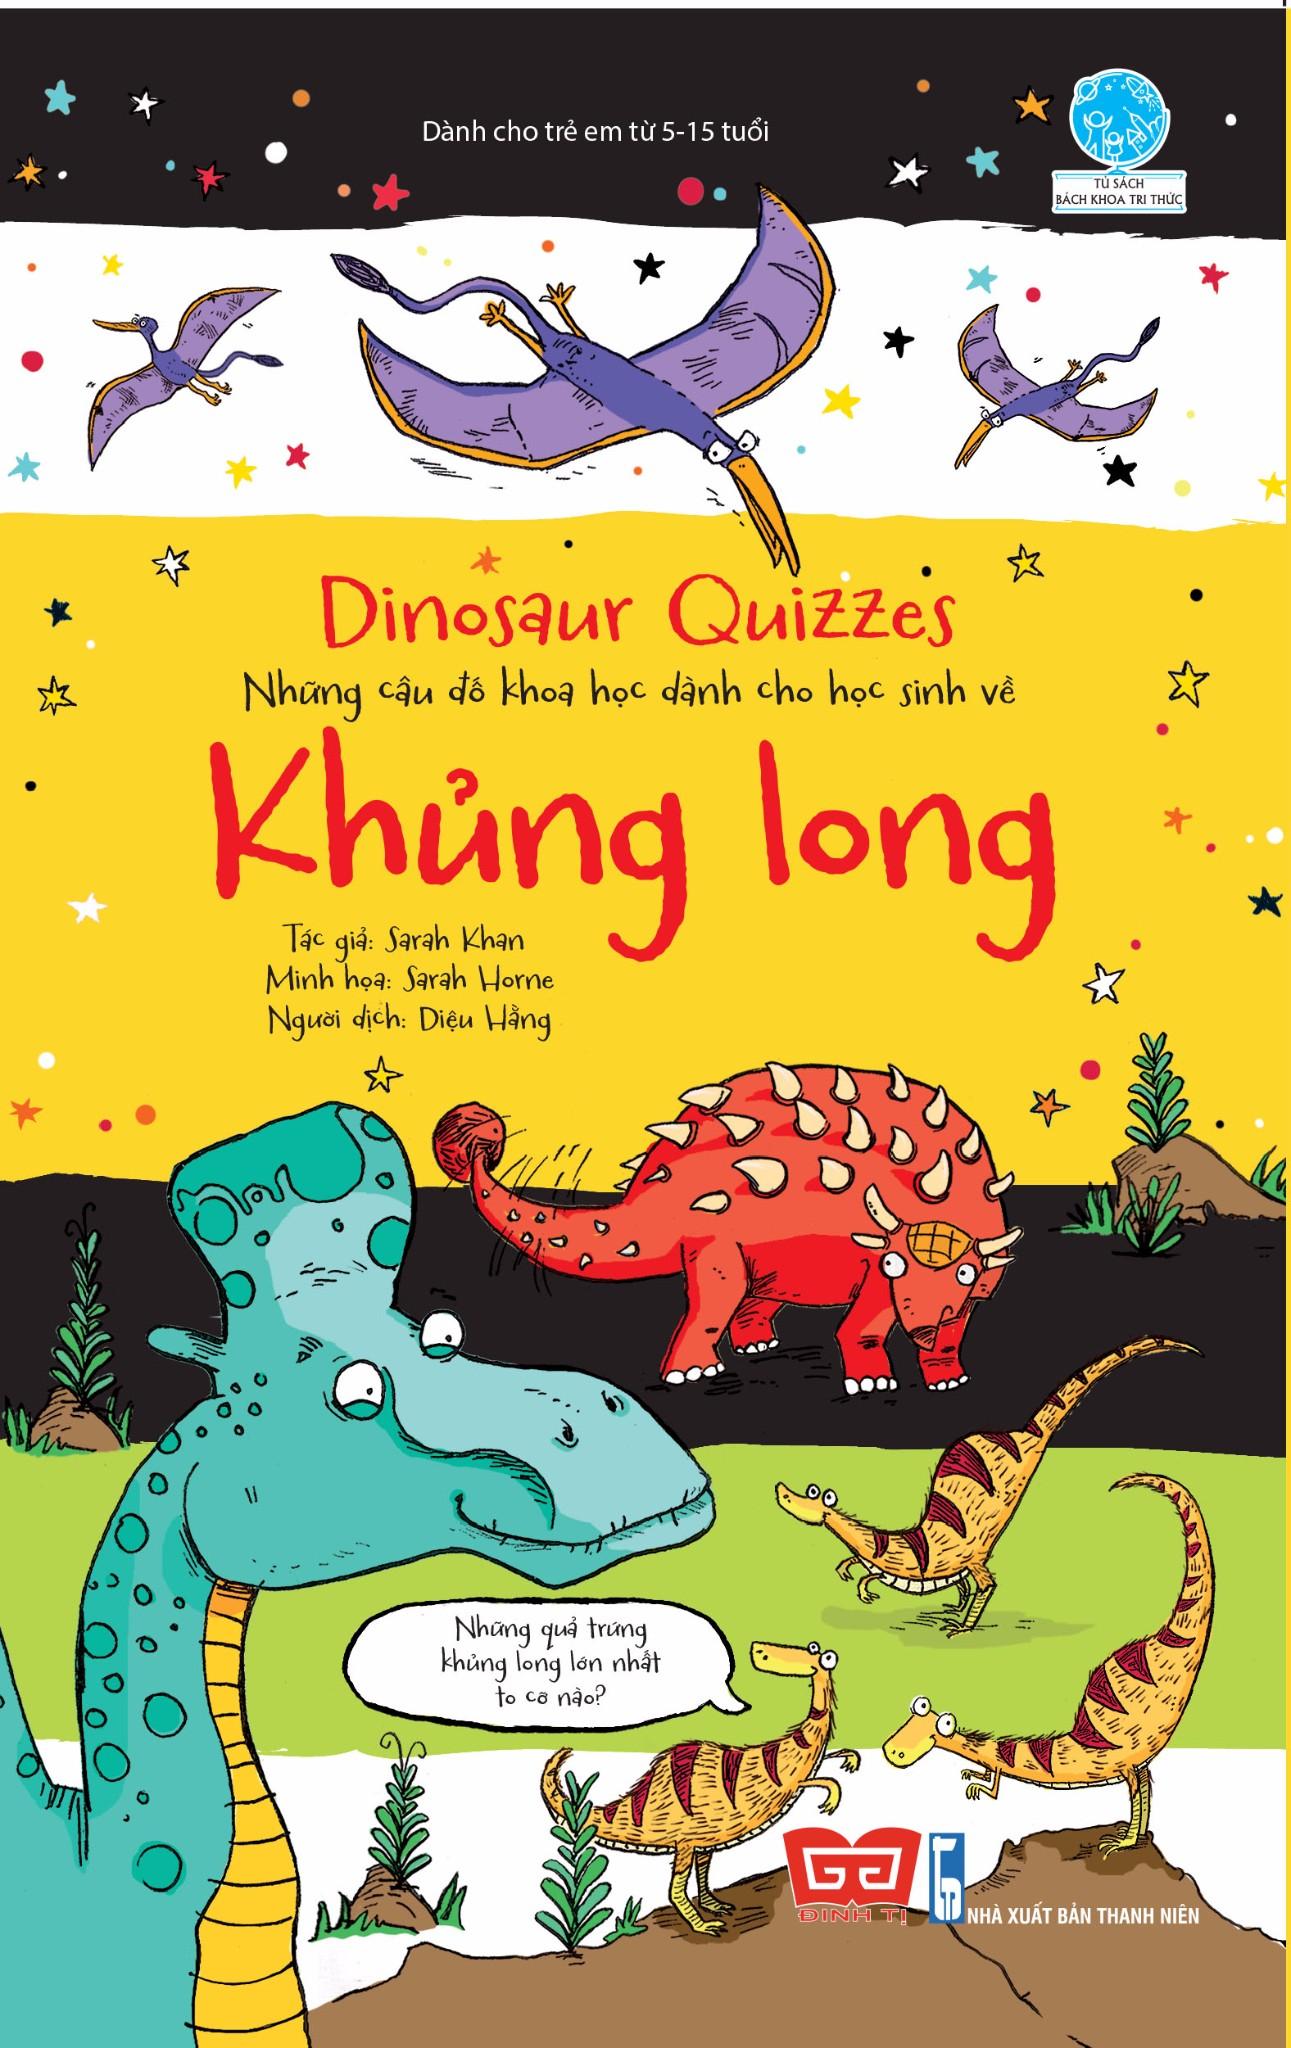 Dinosaur Quizzes - Những câu đố khoa học dành cho học sinh về Khủng long